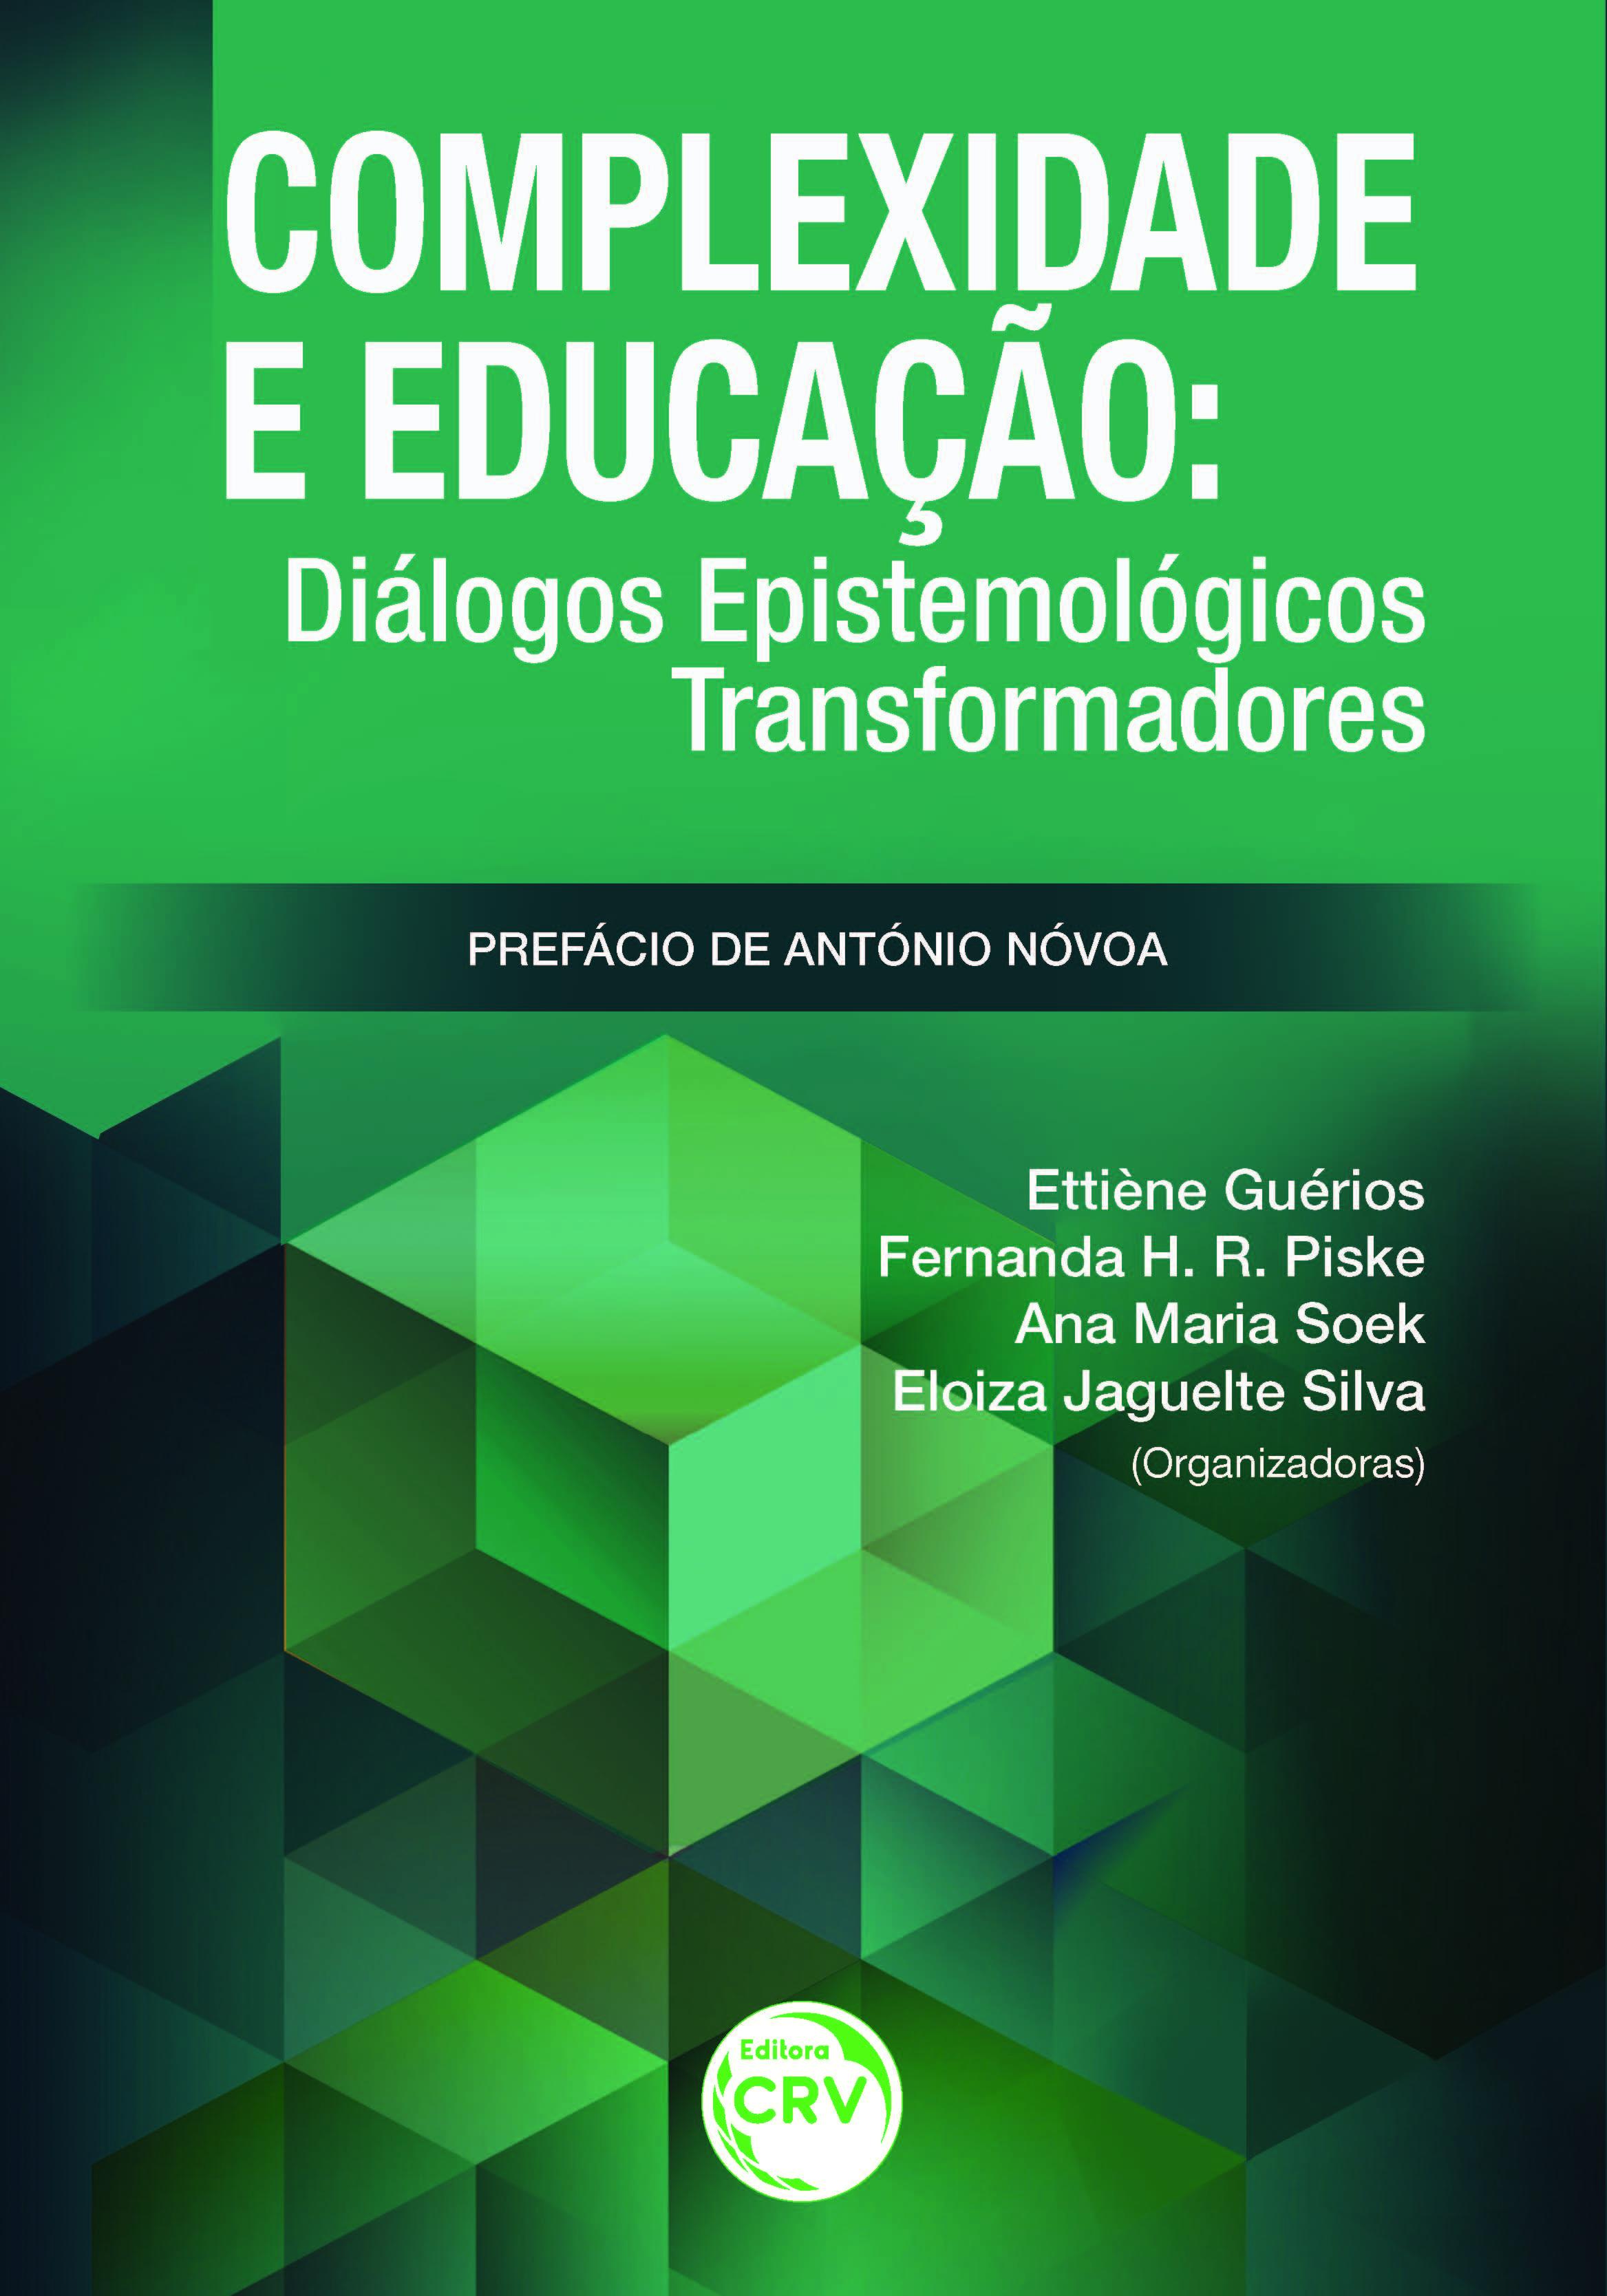 Capa do livro: COMPLEXIDADE E EDUCAÇÃO:<br>diálogos epistemológicos transformadores